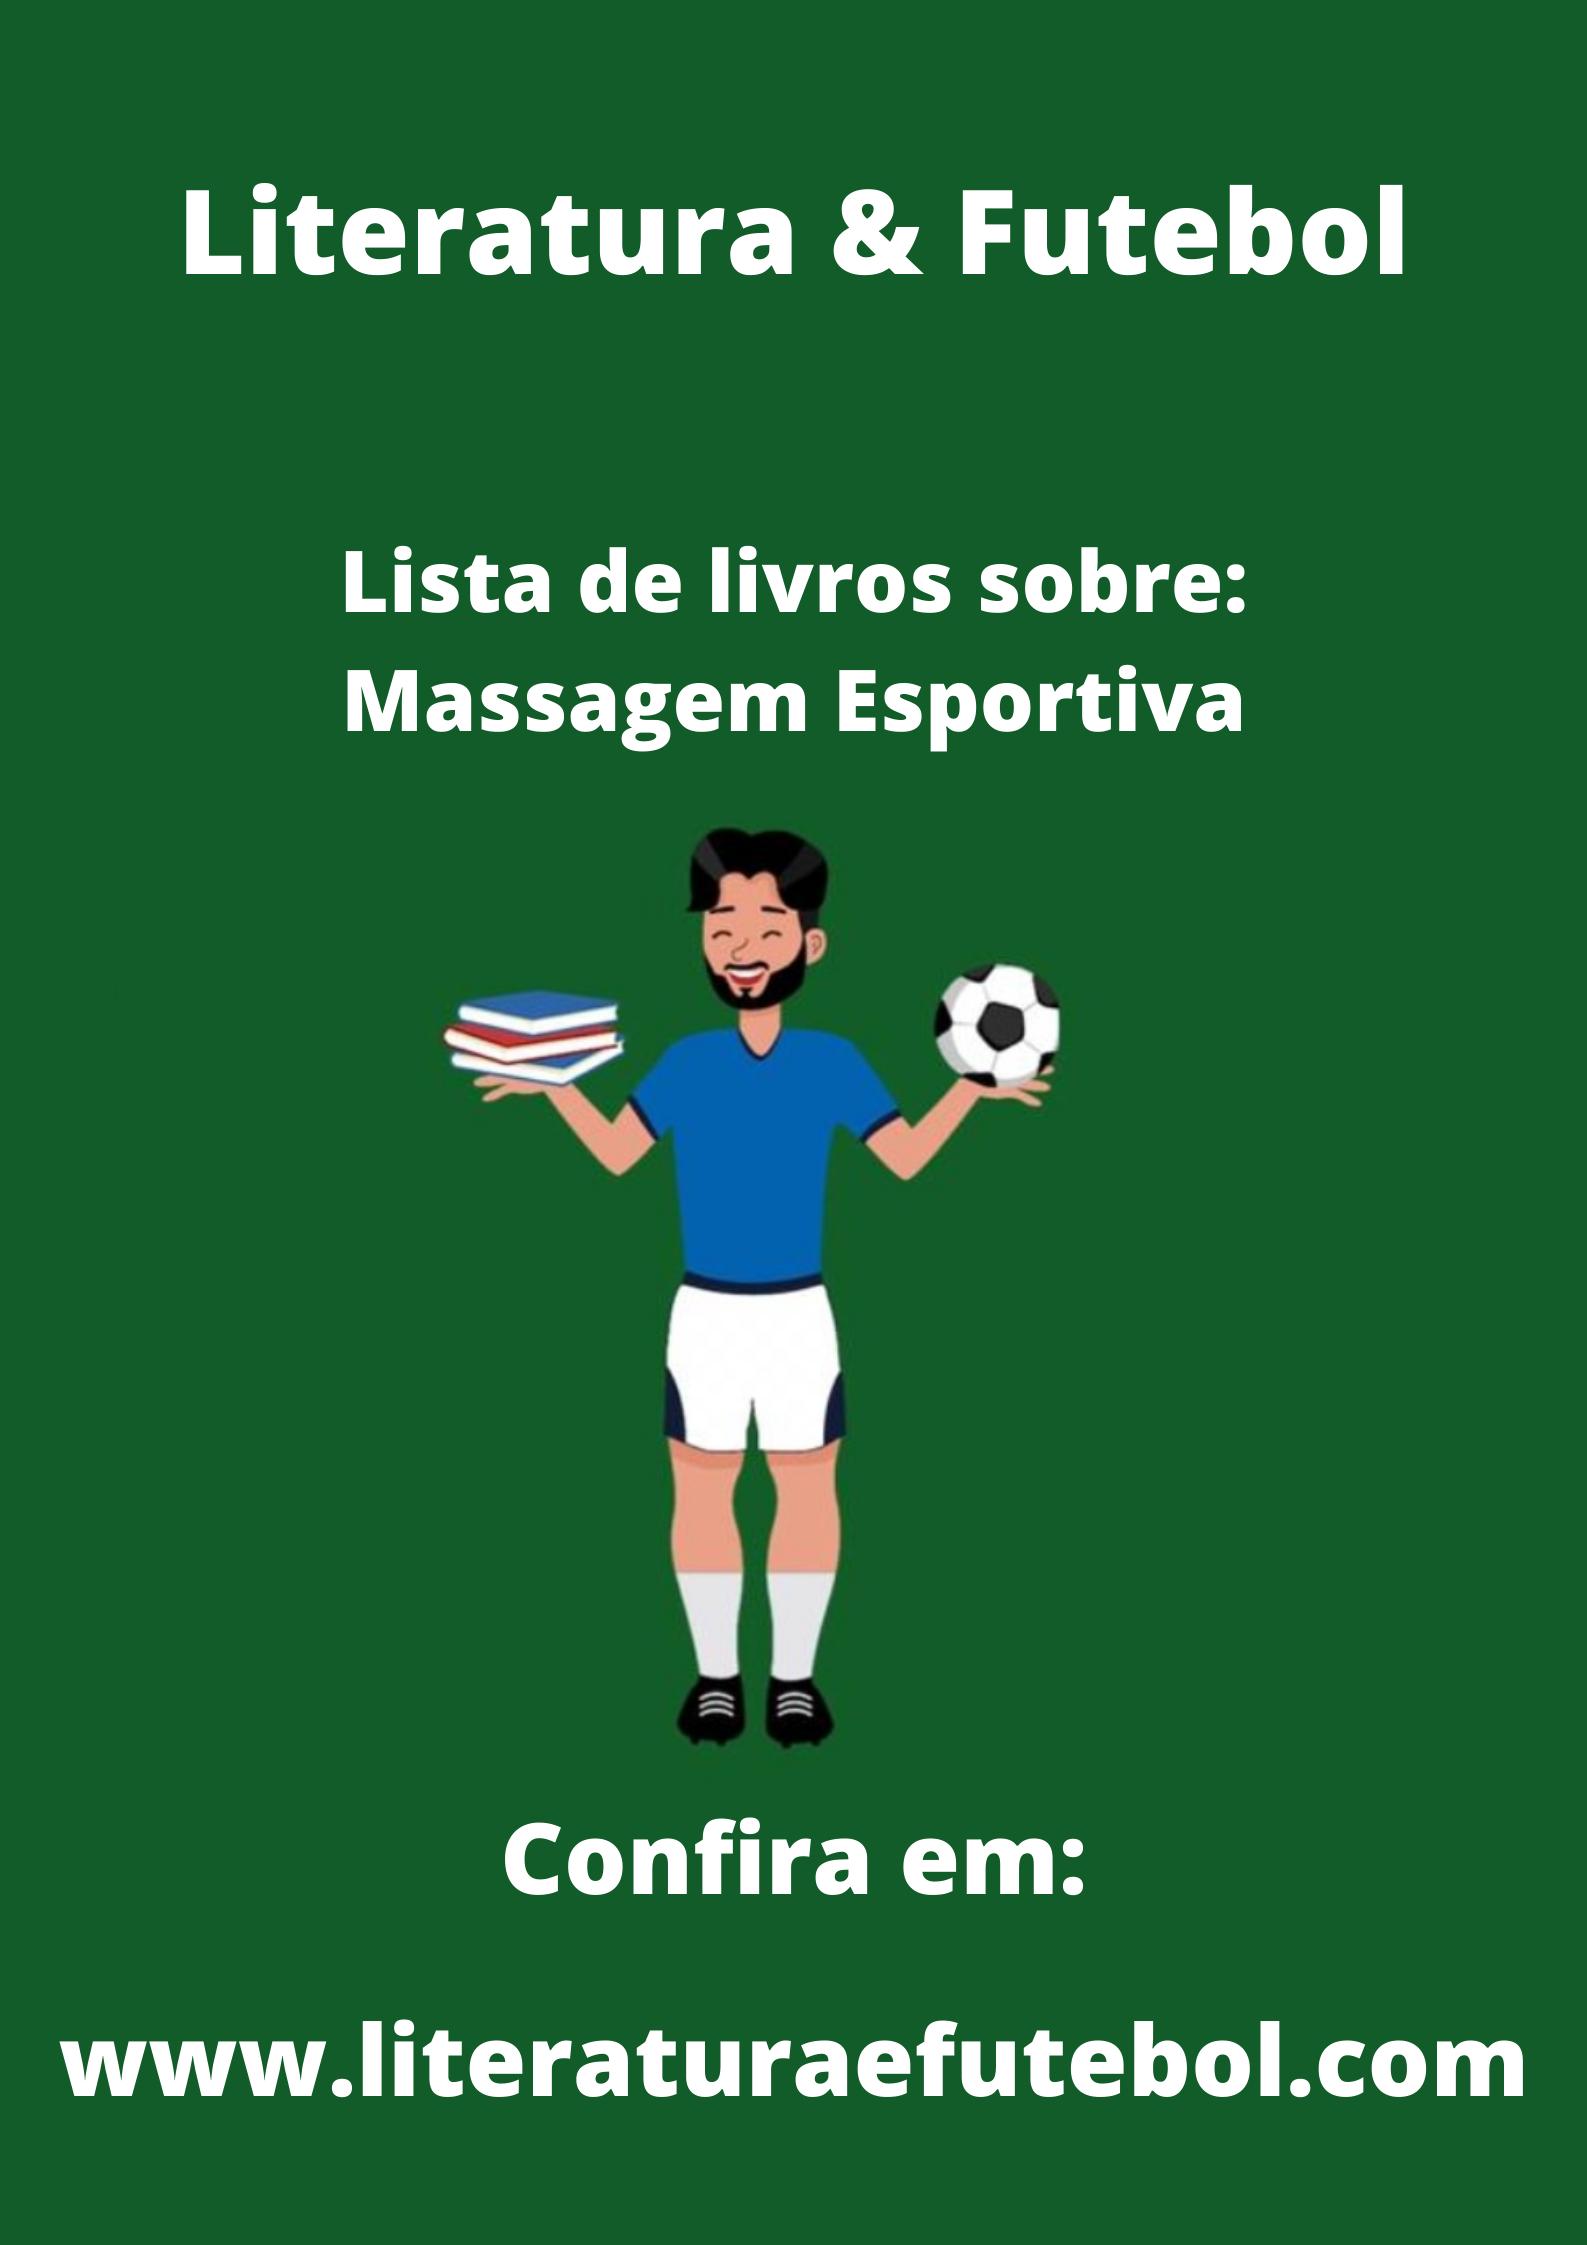 lista de livros sobre massagem esportiva desportiva literatura e futebol leo lyra